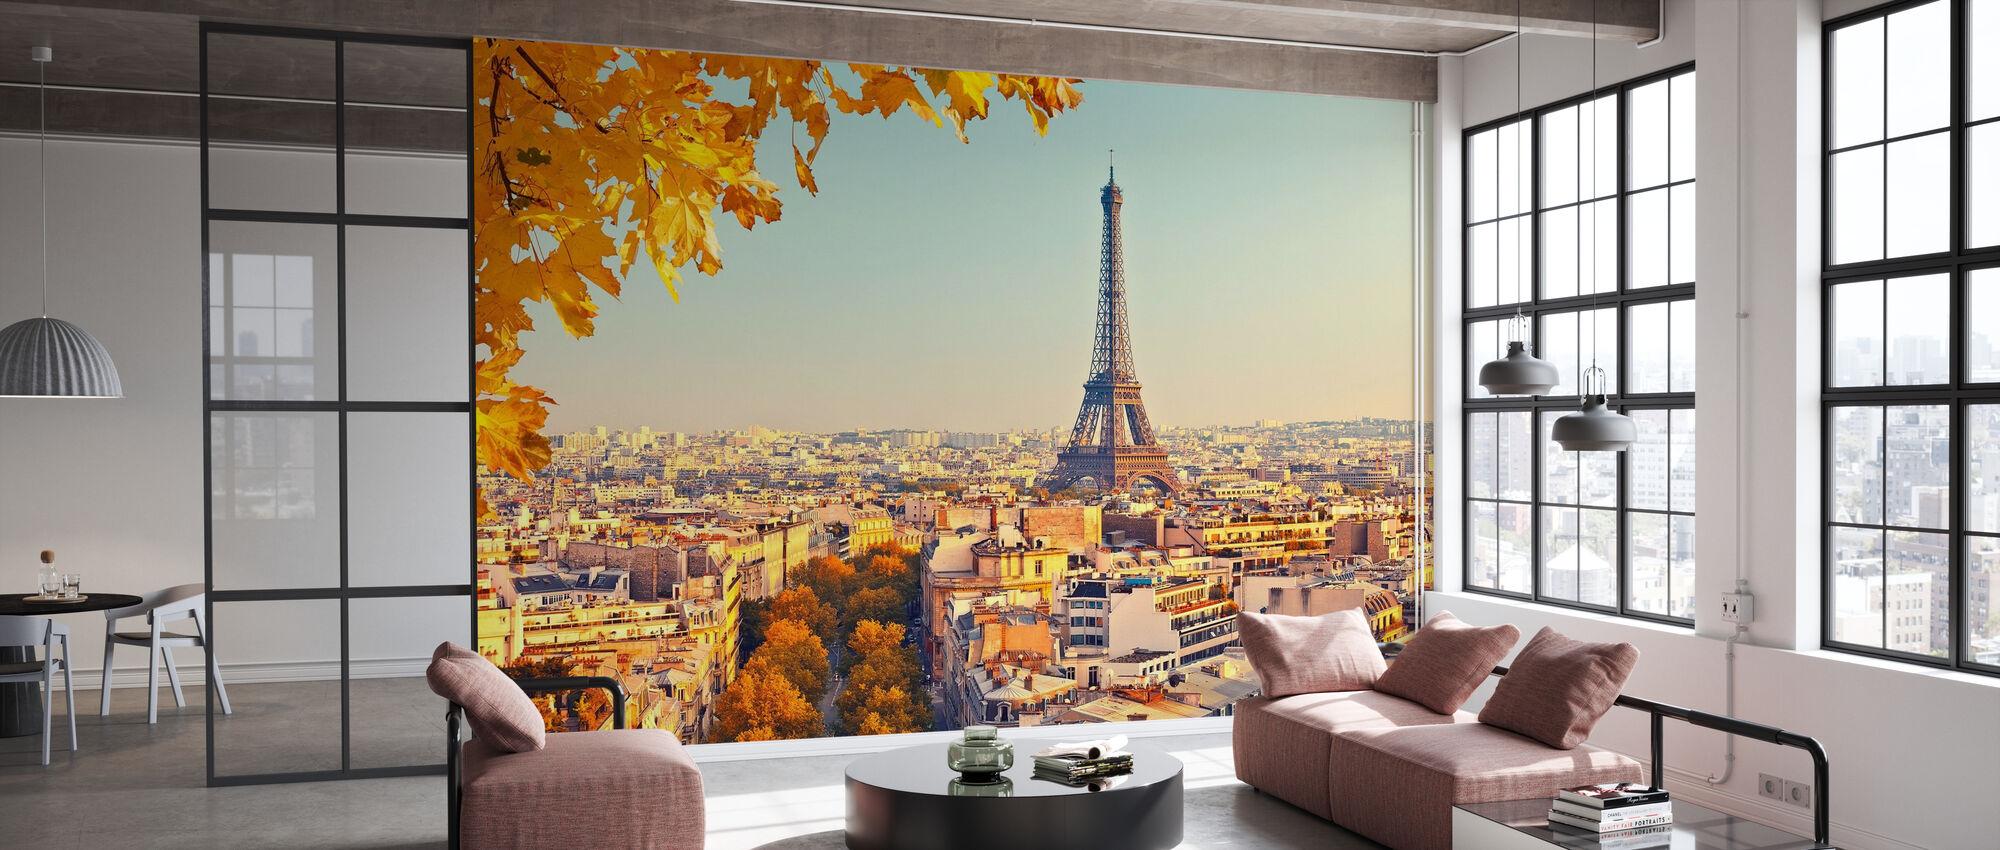 Eiffel-torni syksyn näkymä - Tapetti - Toimisto